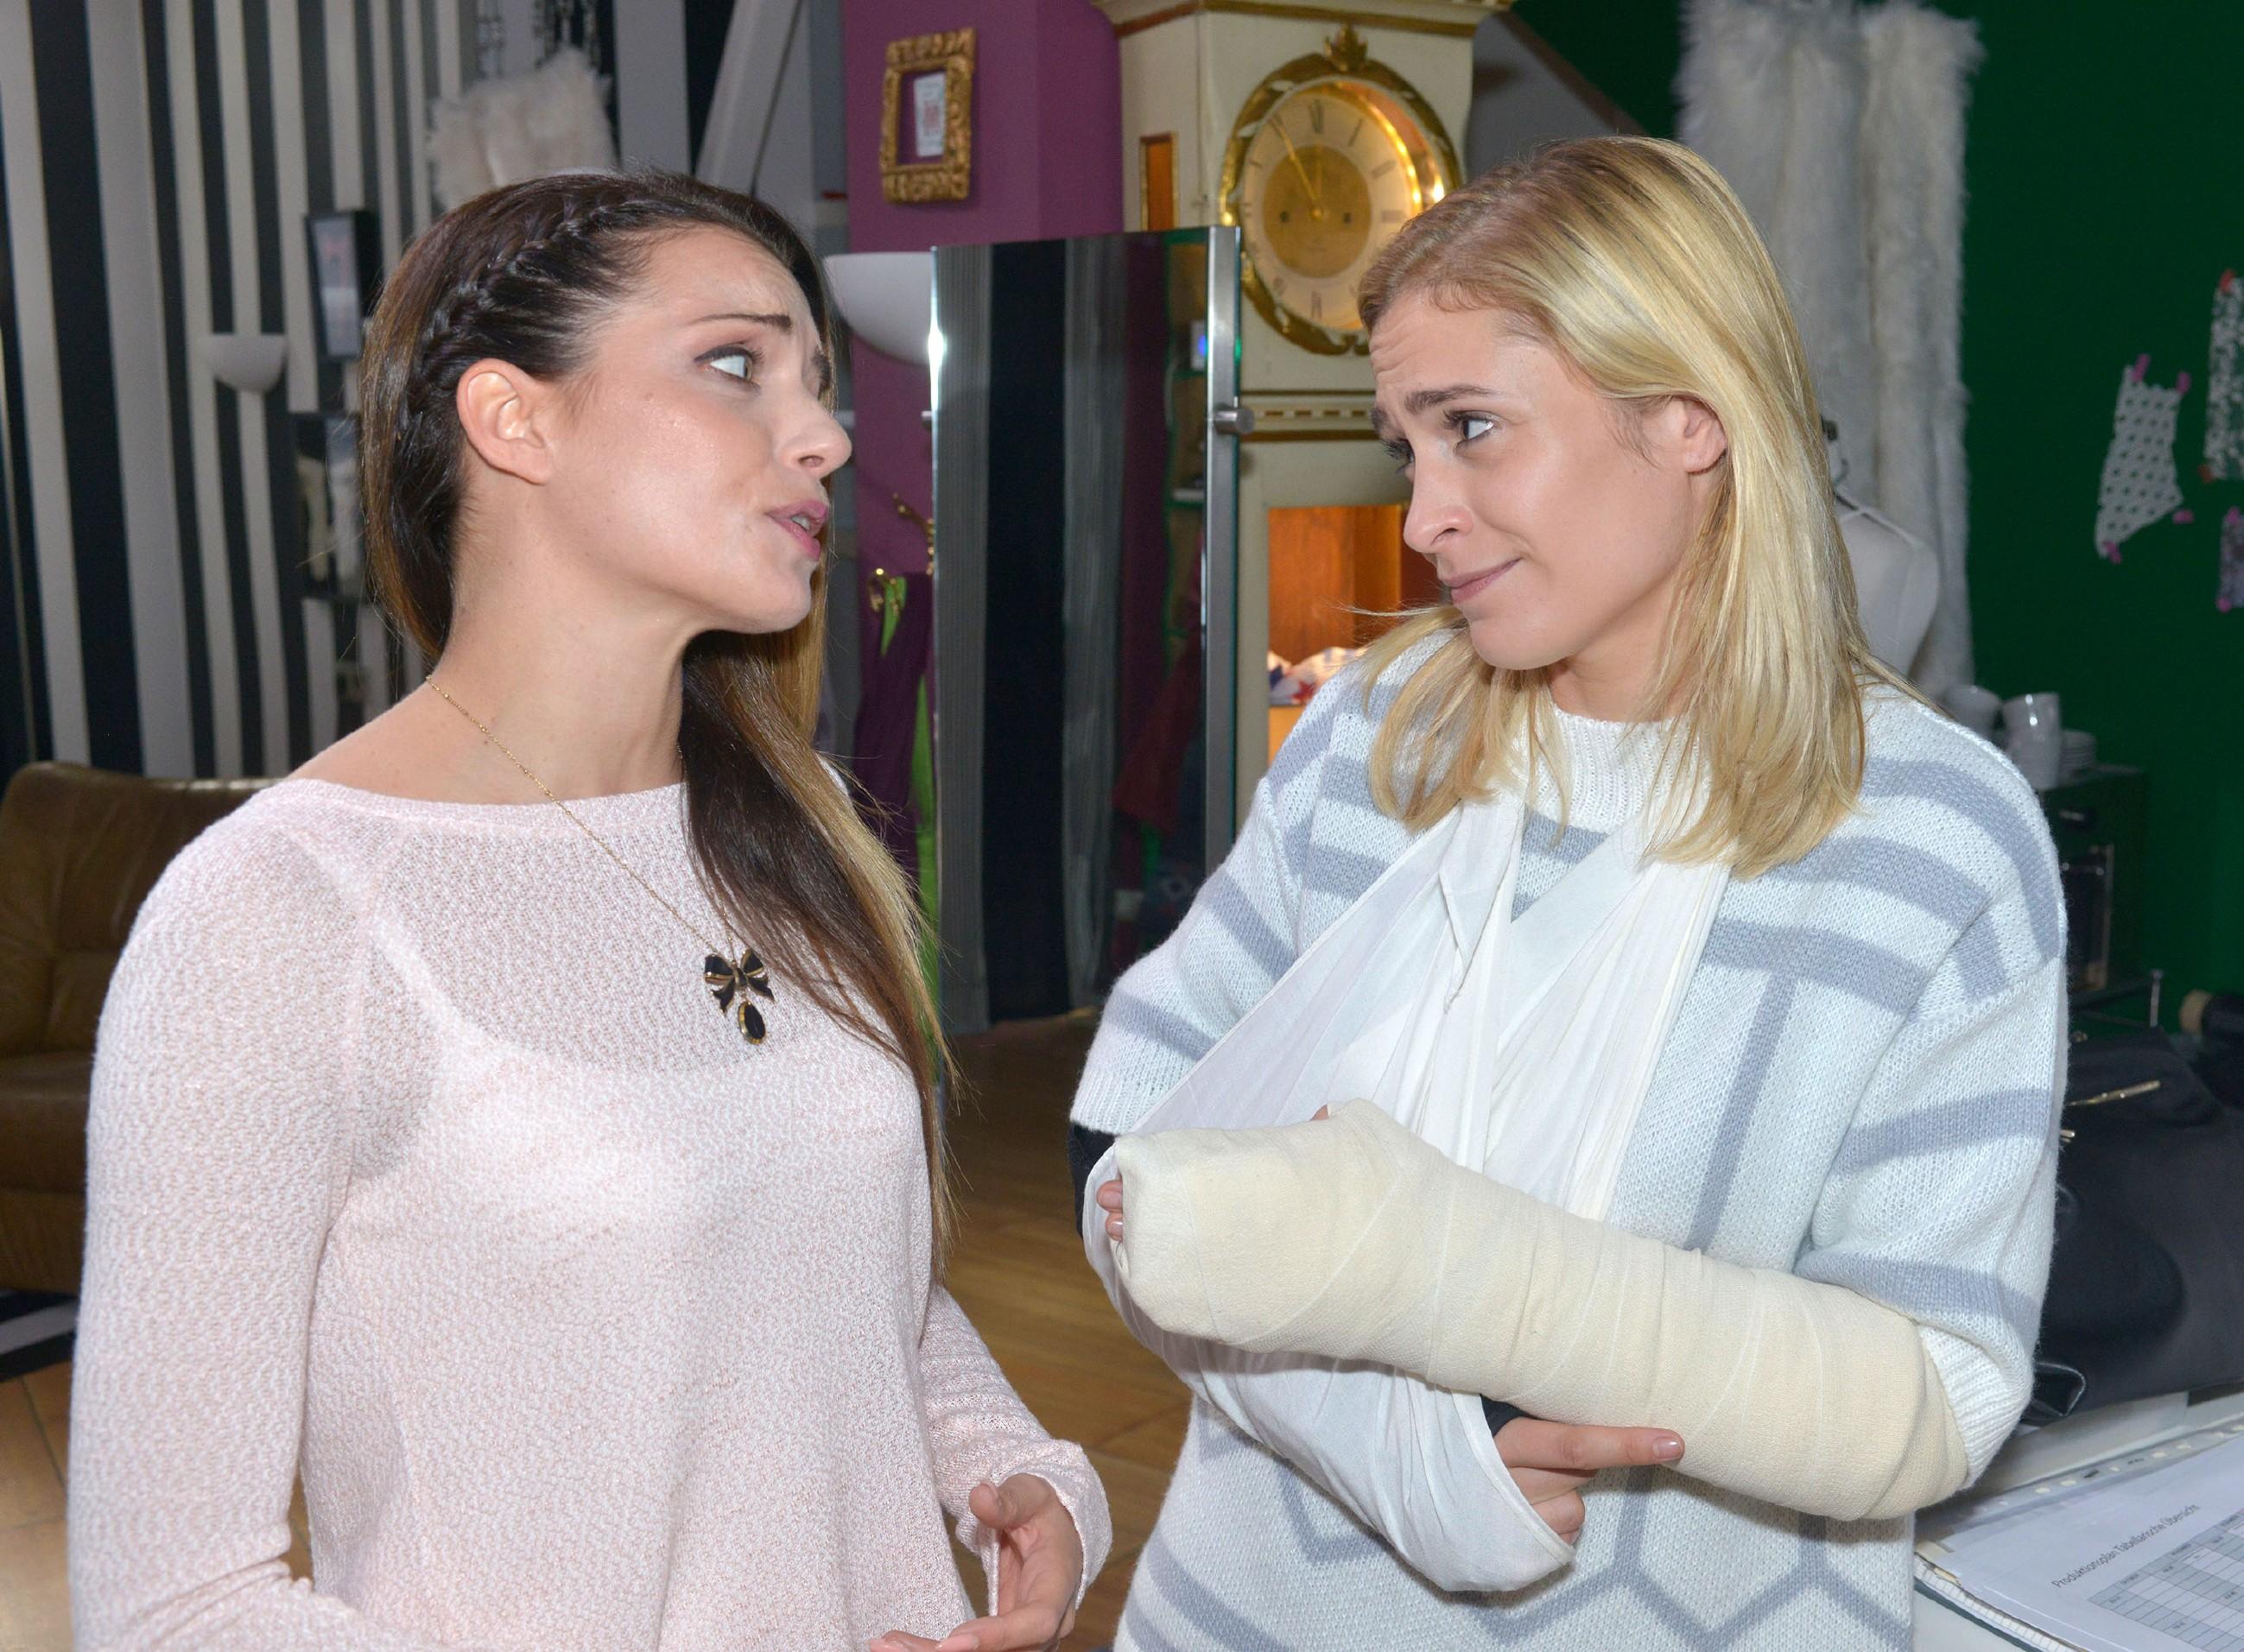 Emily (Anne Menden, l.) findet es schade, dass sich Sophie (Lea Marlen Woitack) Leon zuliebe von ihrer attraktiven Haushaltshilfe Eike trennen möchte. (Quelle: RTL / Rolf Baumgartner)